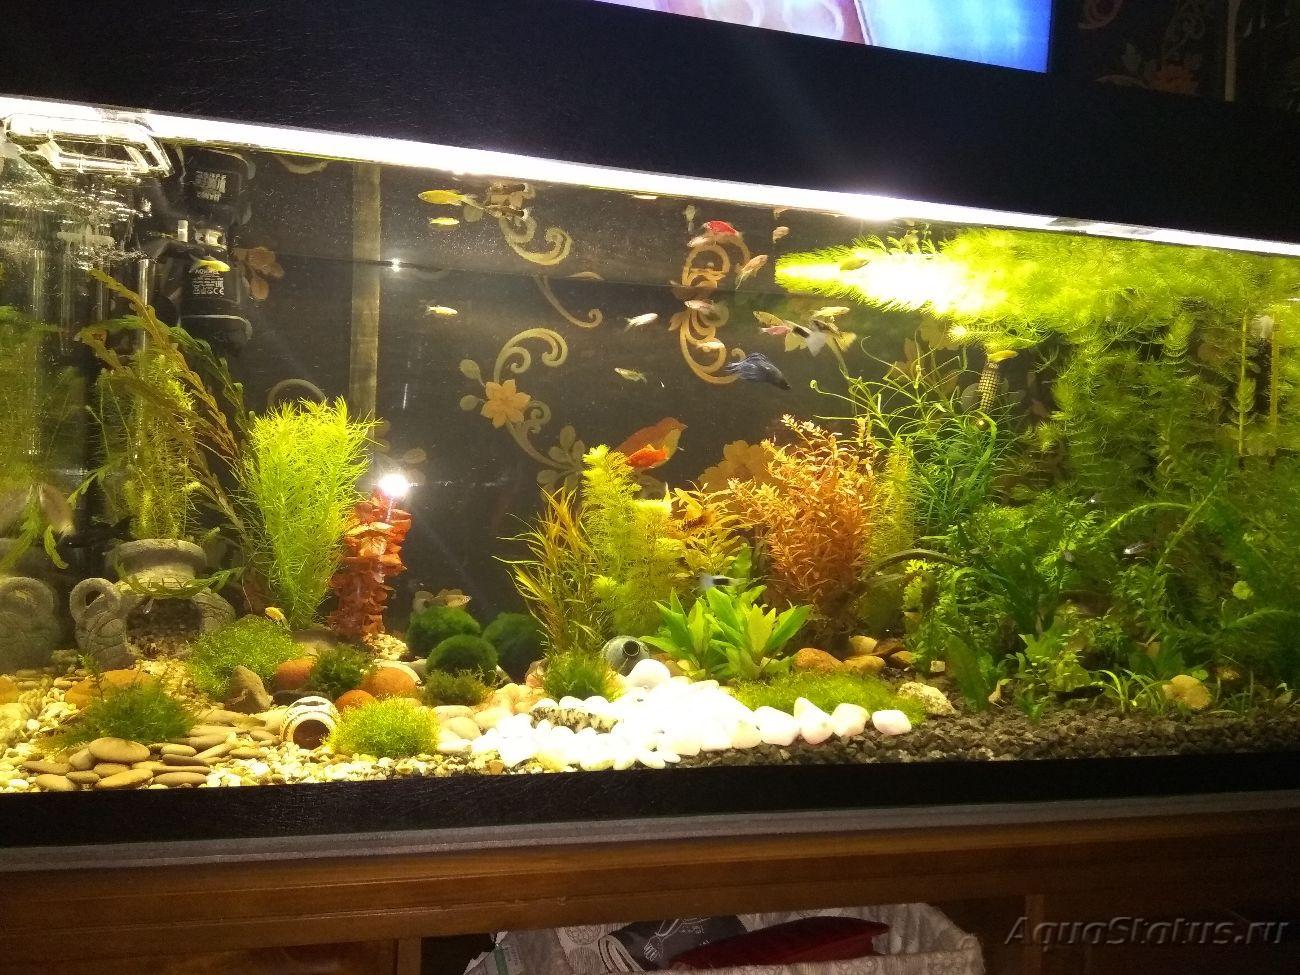 Как сделать воду в аквариуме мягче фото 10